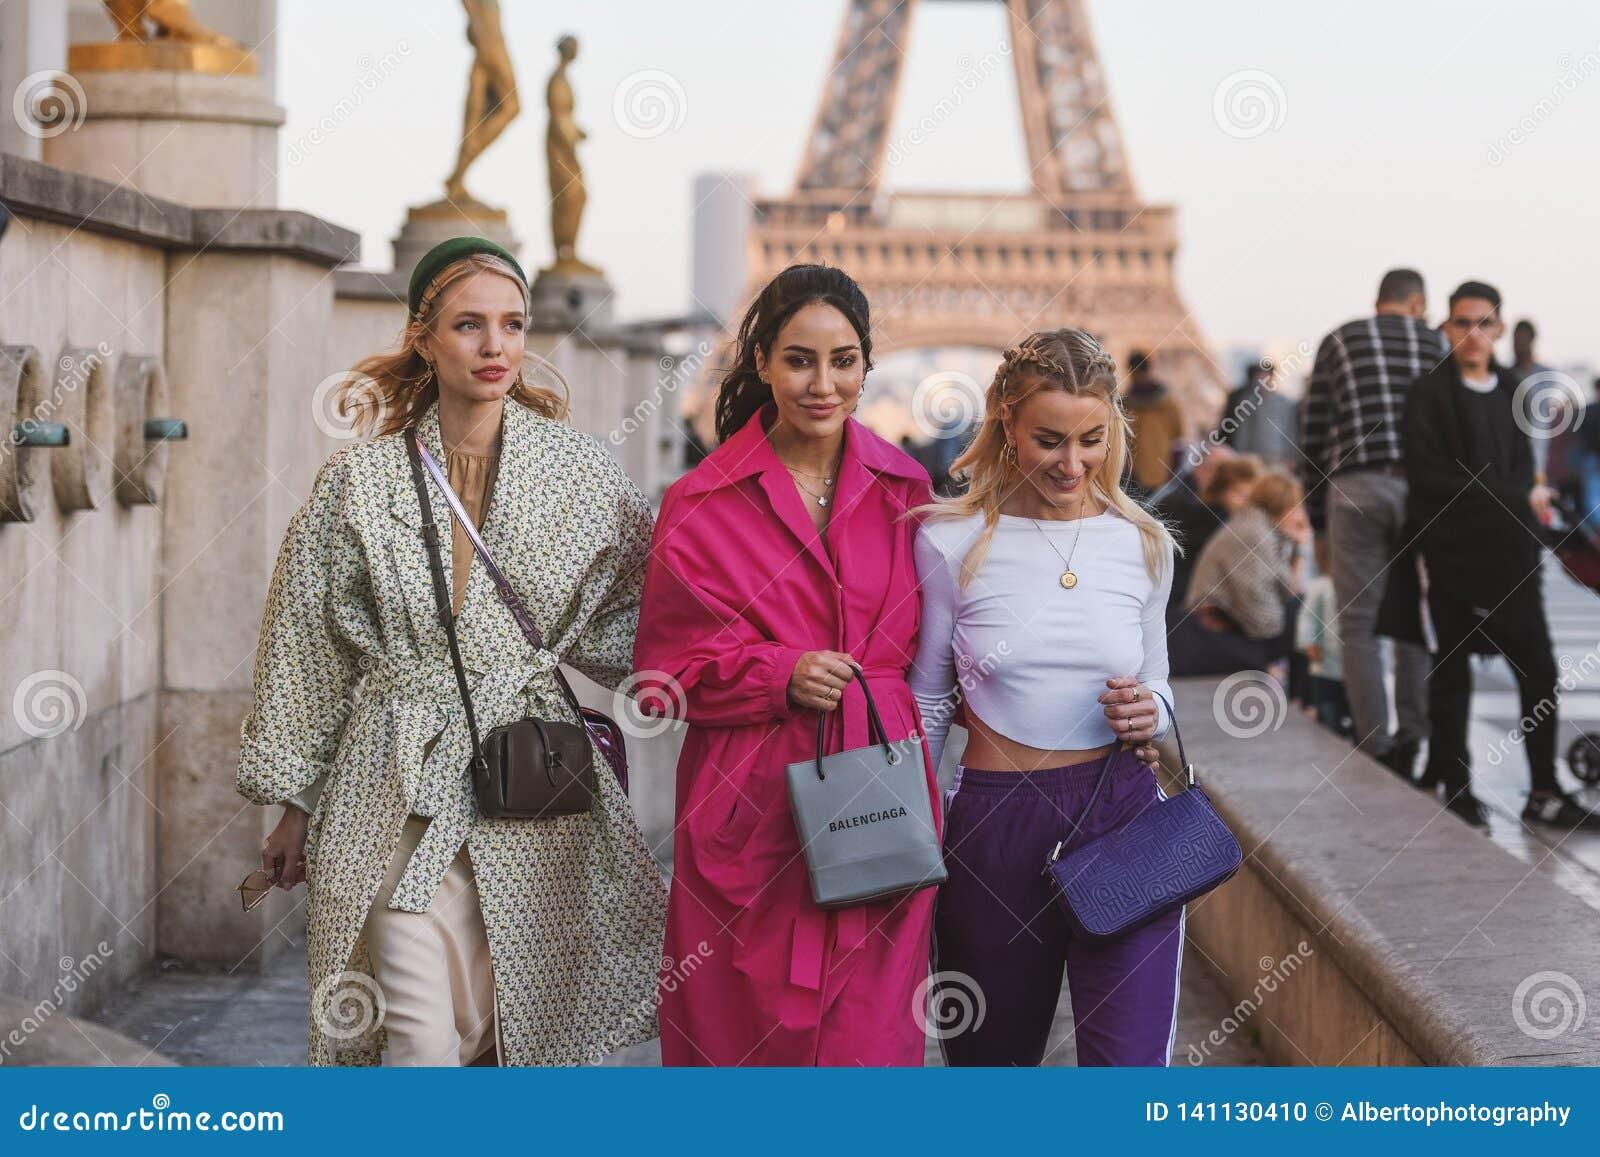 Semaine de mode de Paris - style de rue - PFWAW19